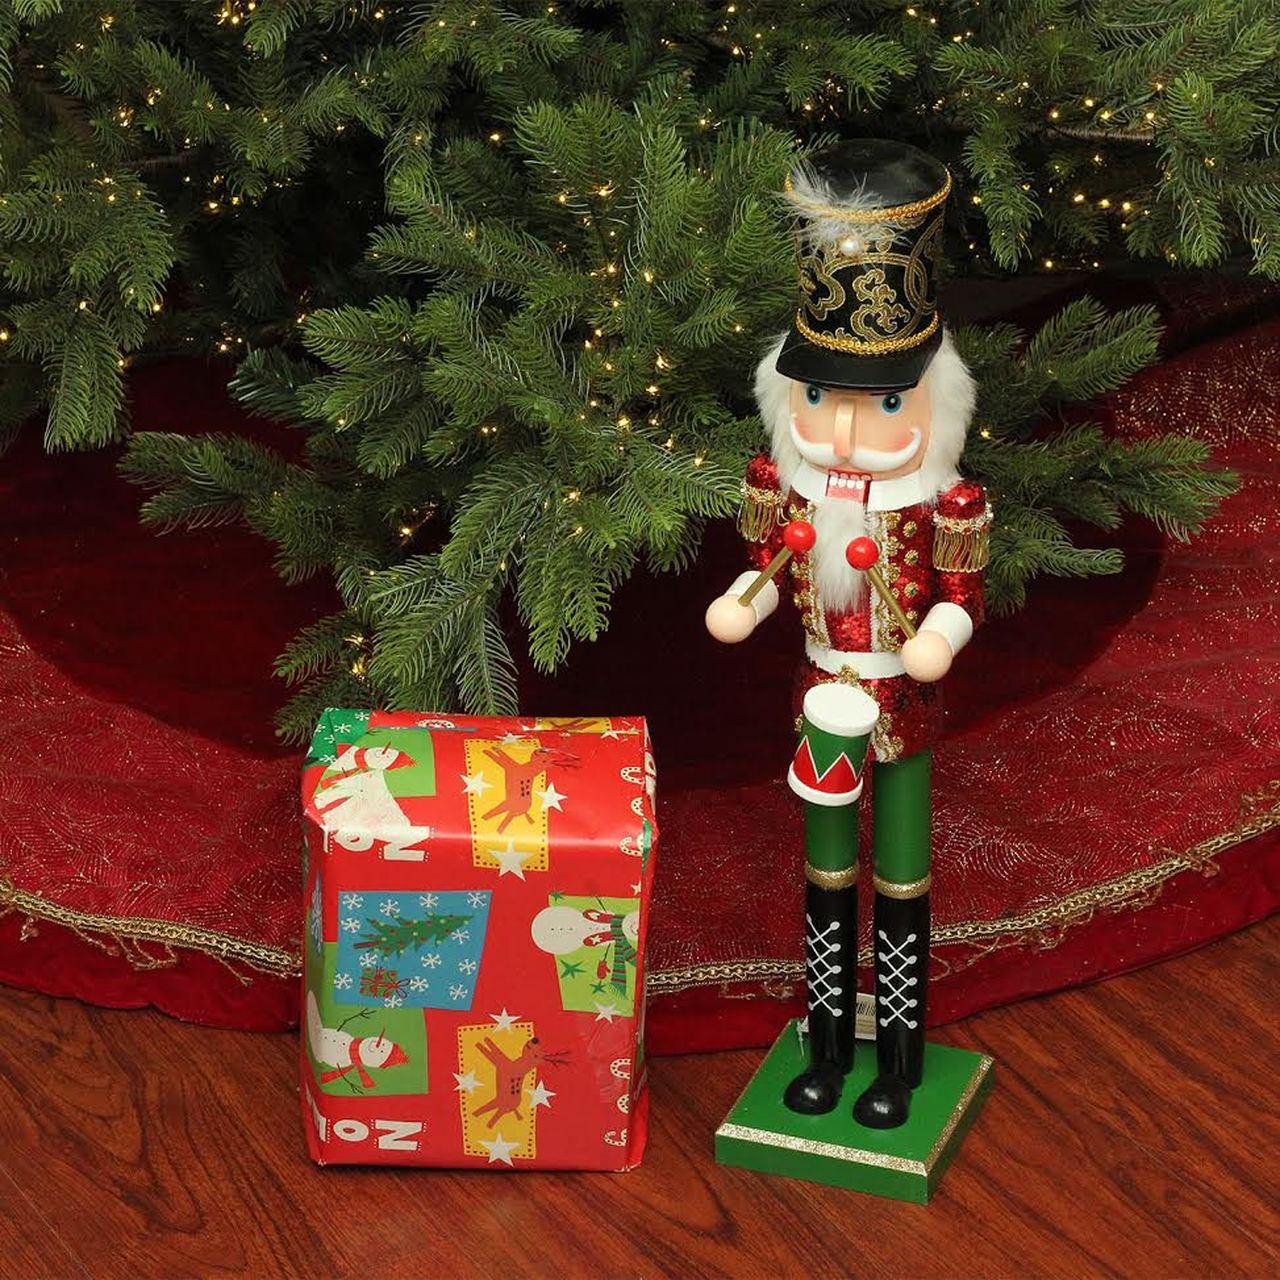 Χριστούγεννα Καρυοθραύστης από το χριστουγεννιάτικο δέντρο